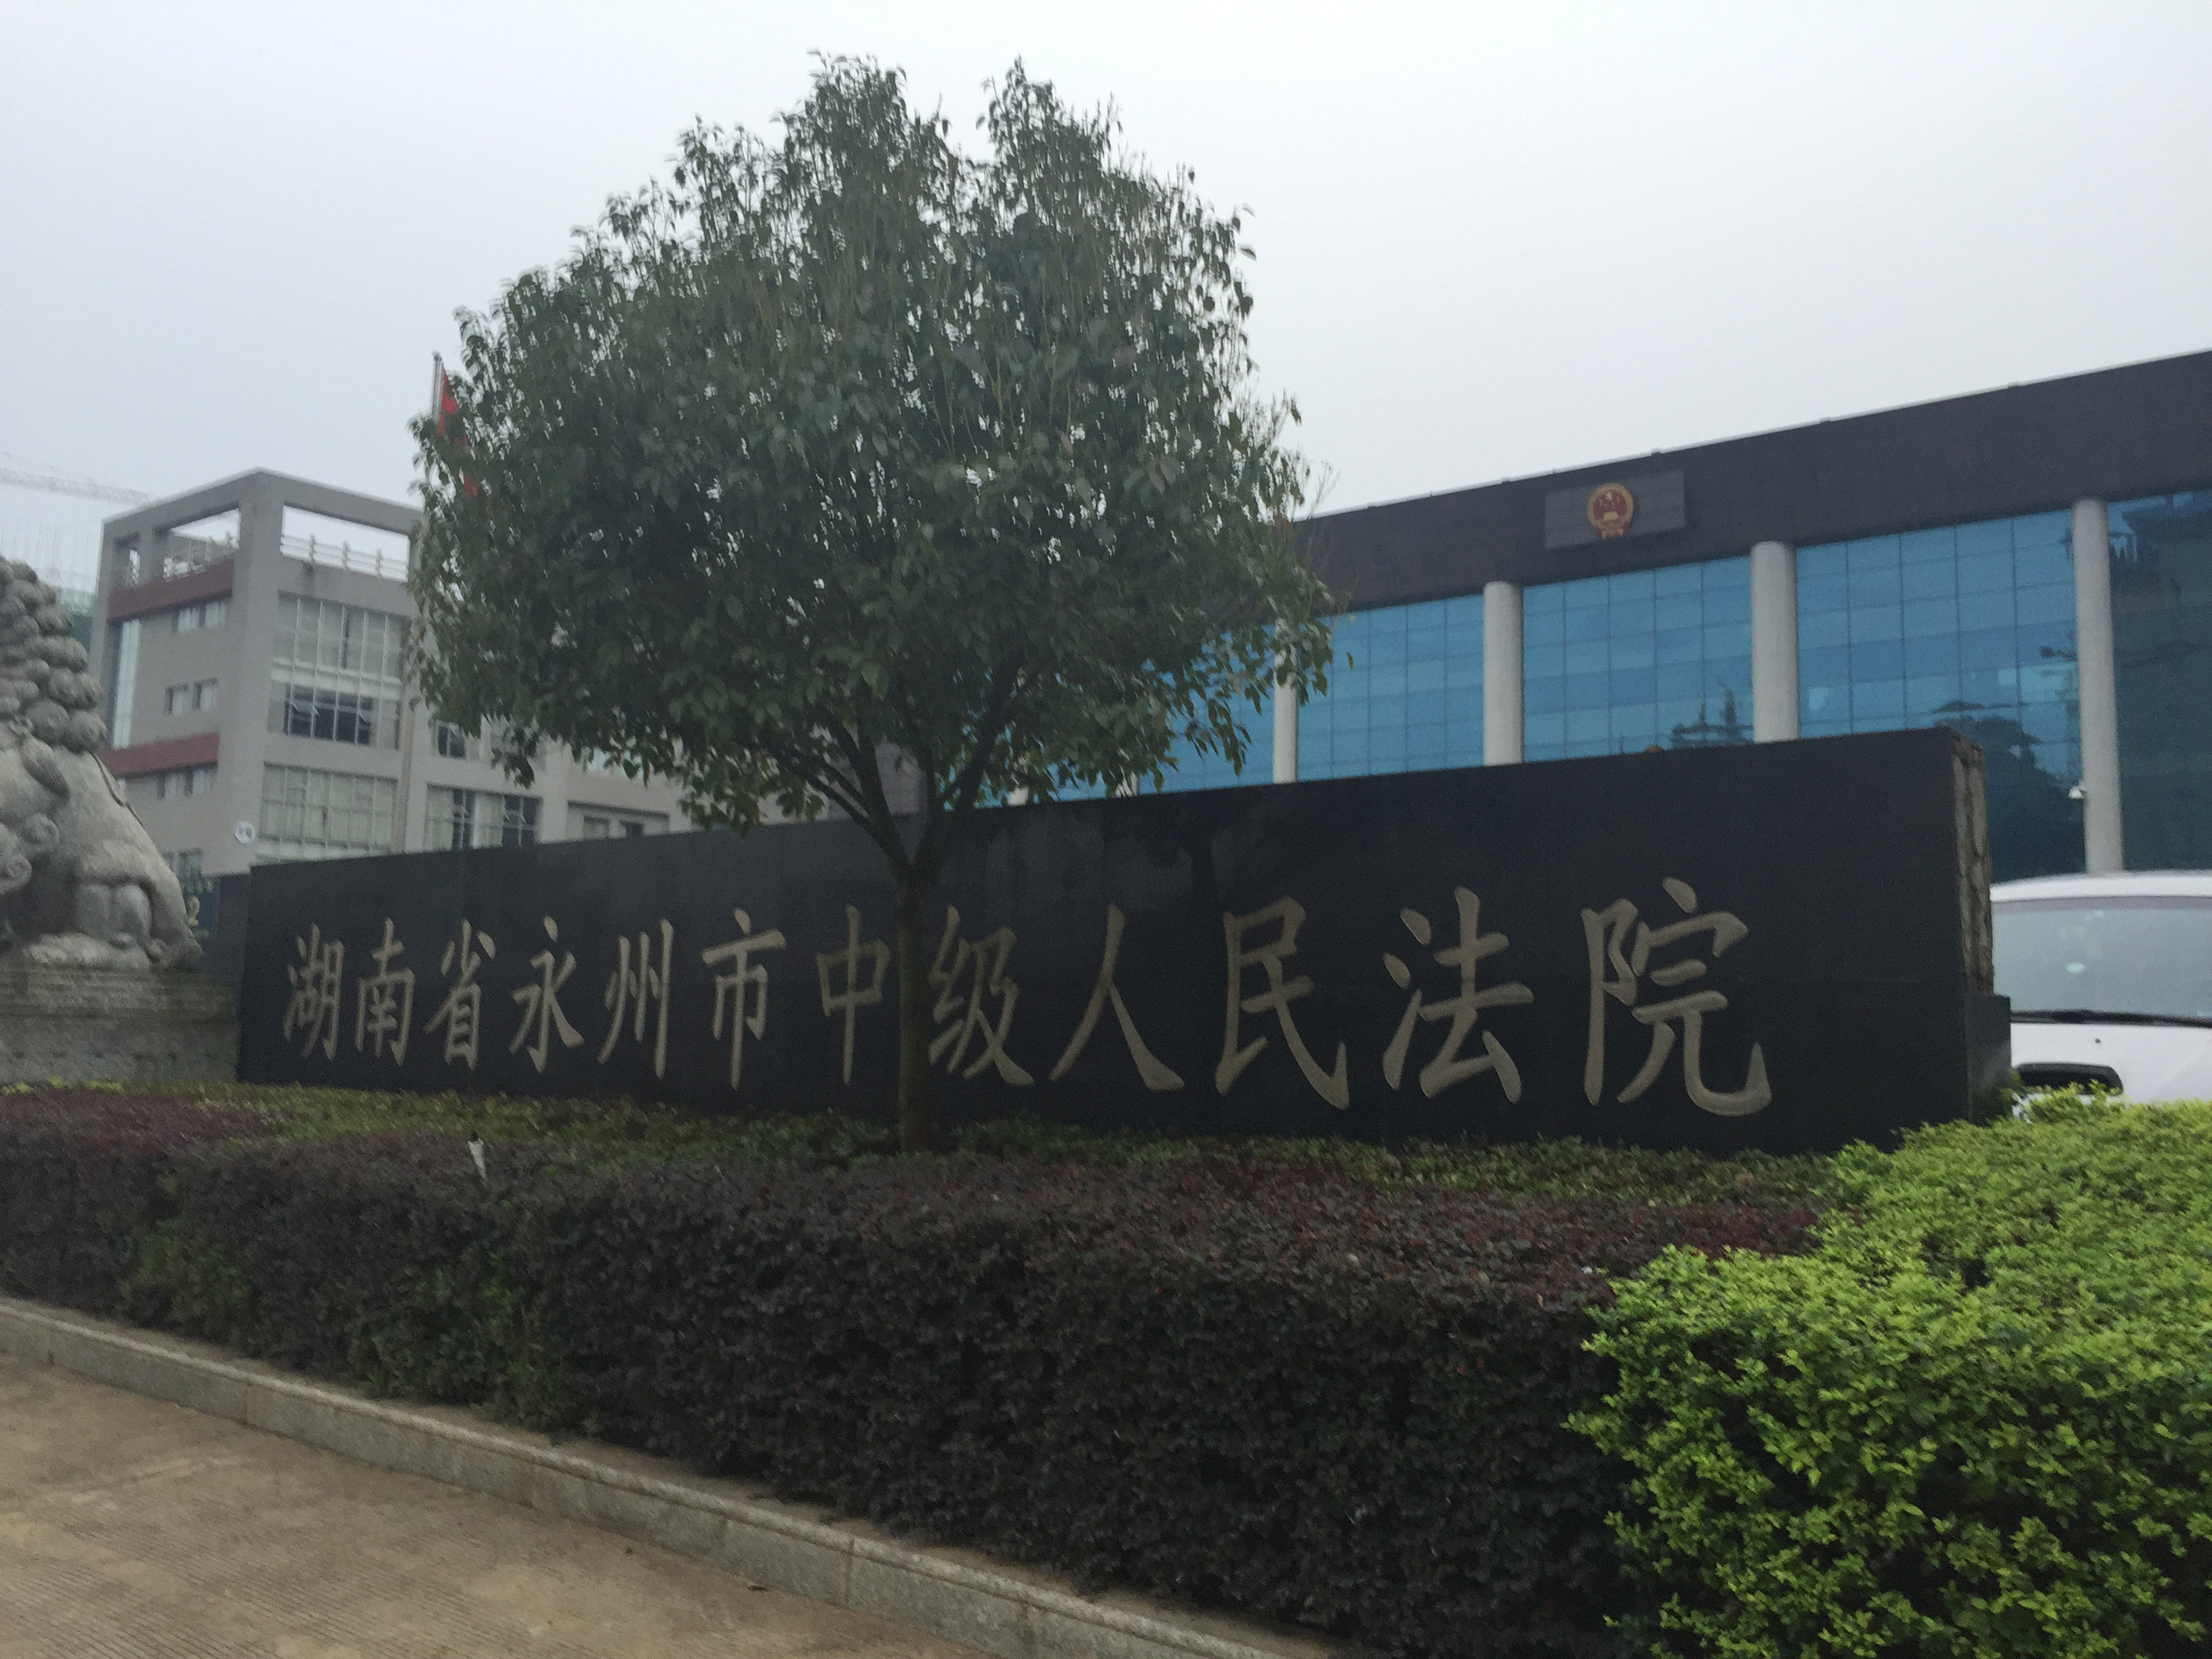 马俊哲律师远赴湖南永州开庭